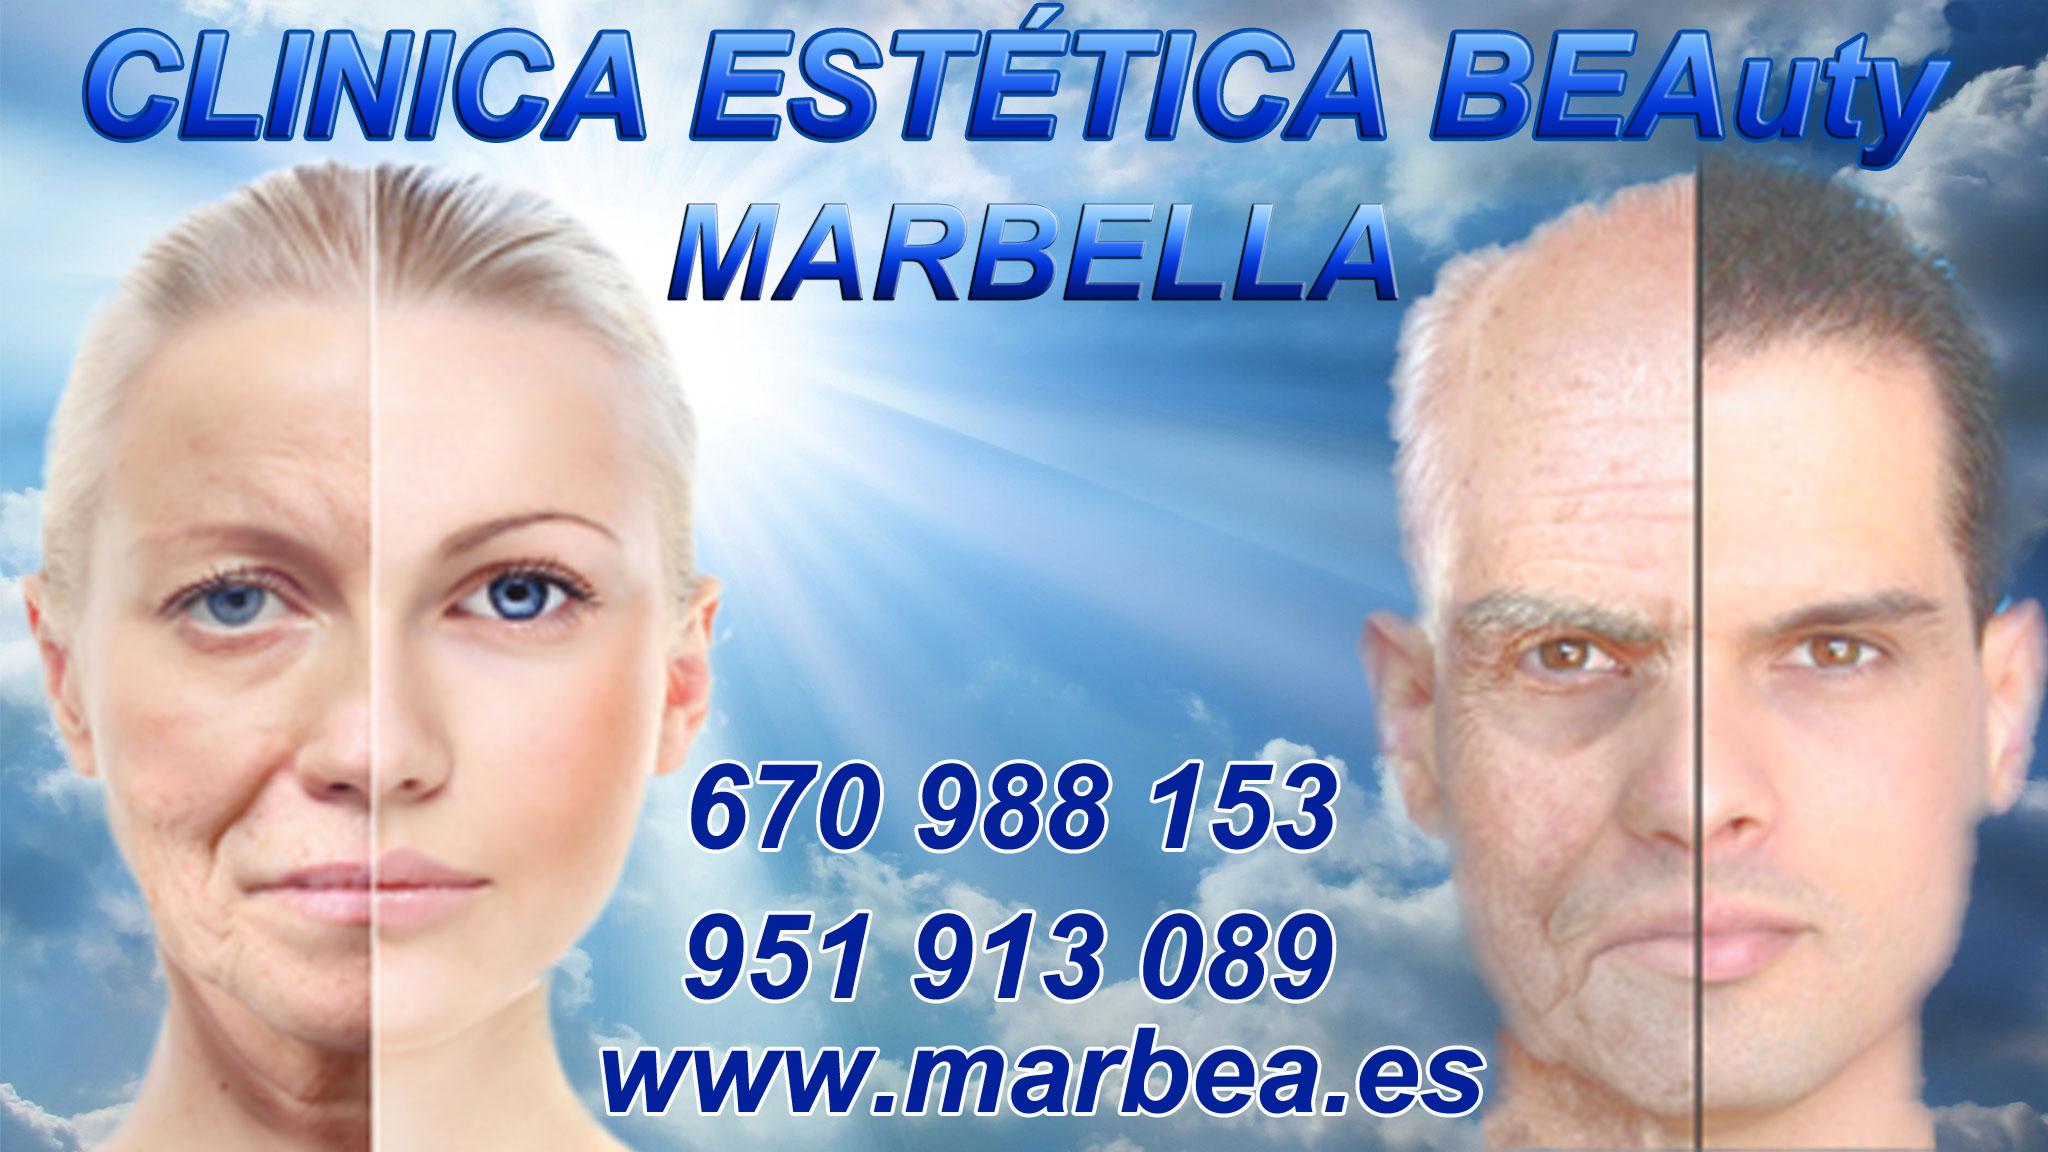 mejor tratamiento para la flacidez 2017 Marbella tratamientos para combatir la flacidez Marbella, eliminar la flacidez Marbella. eliminar flacidez cara Marbella, eliminar flacidez en brazos Marbella. , eliminar la flacidez en las piernas y muslos Marbella .|eliminar flacidez en pecho Marbella. eliminar la flacidez rapido Marbella.